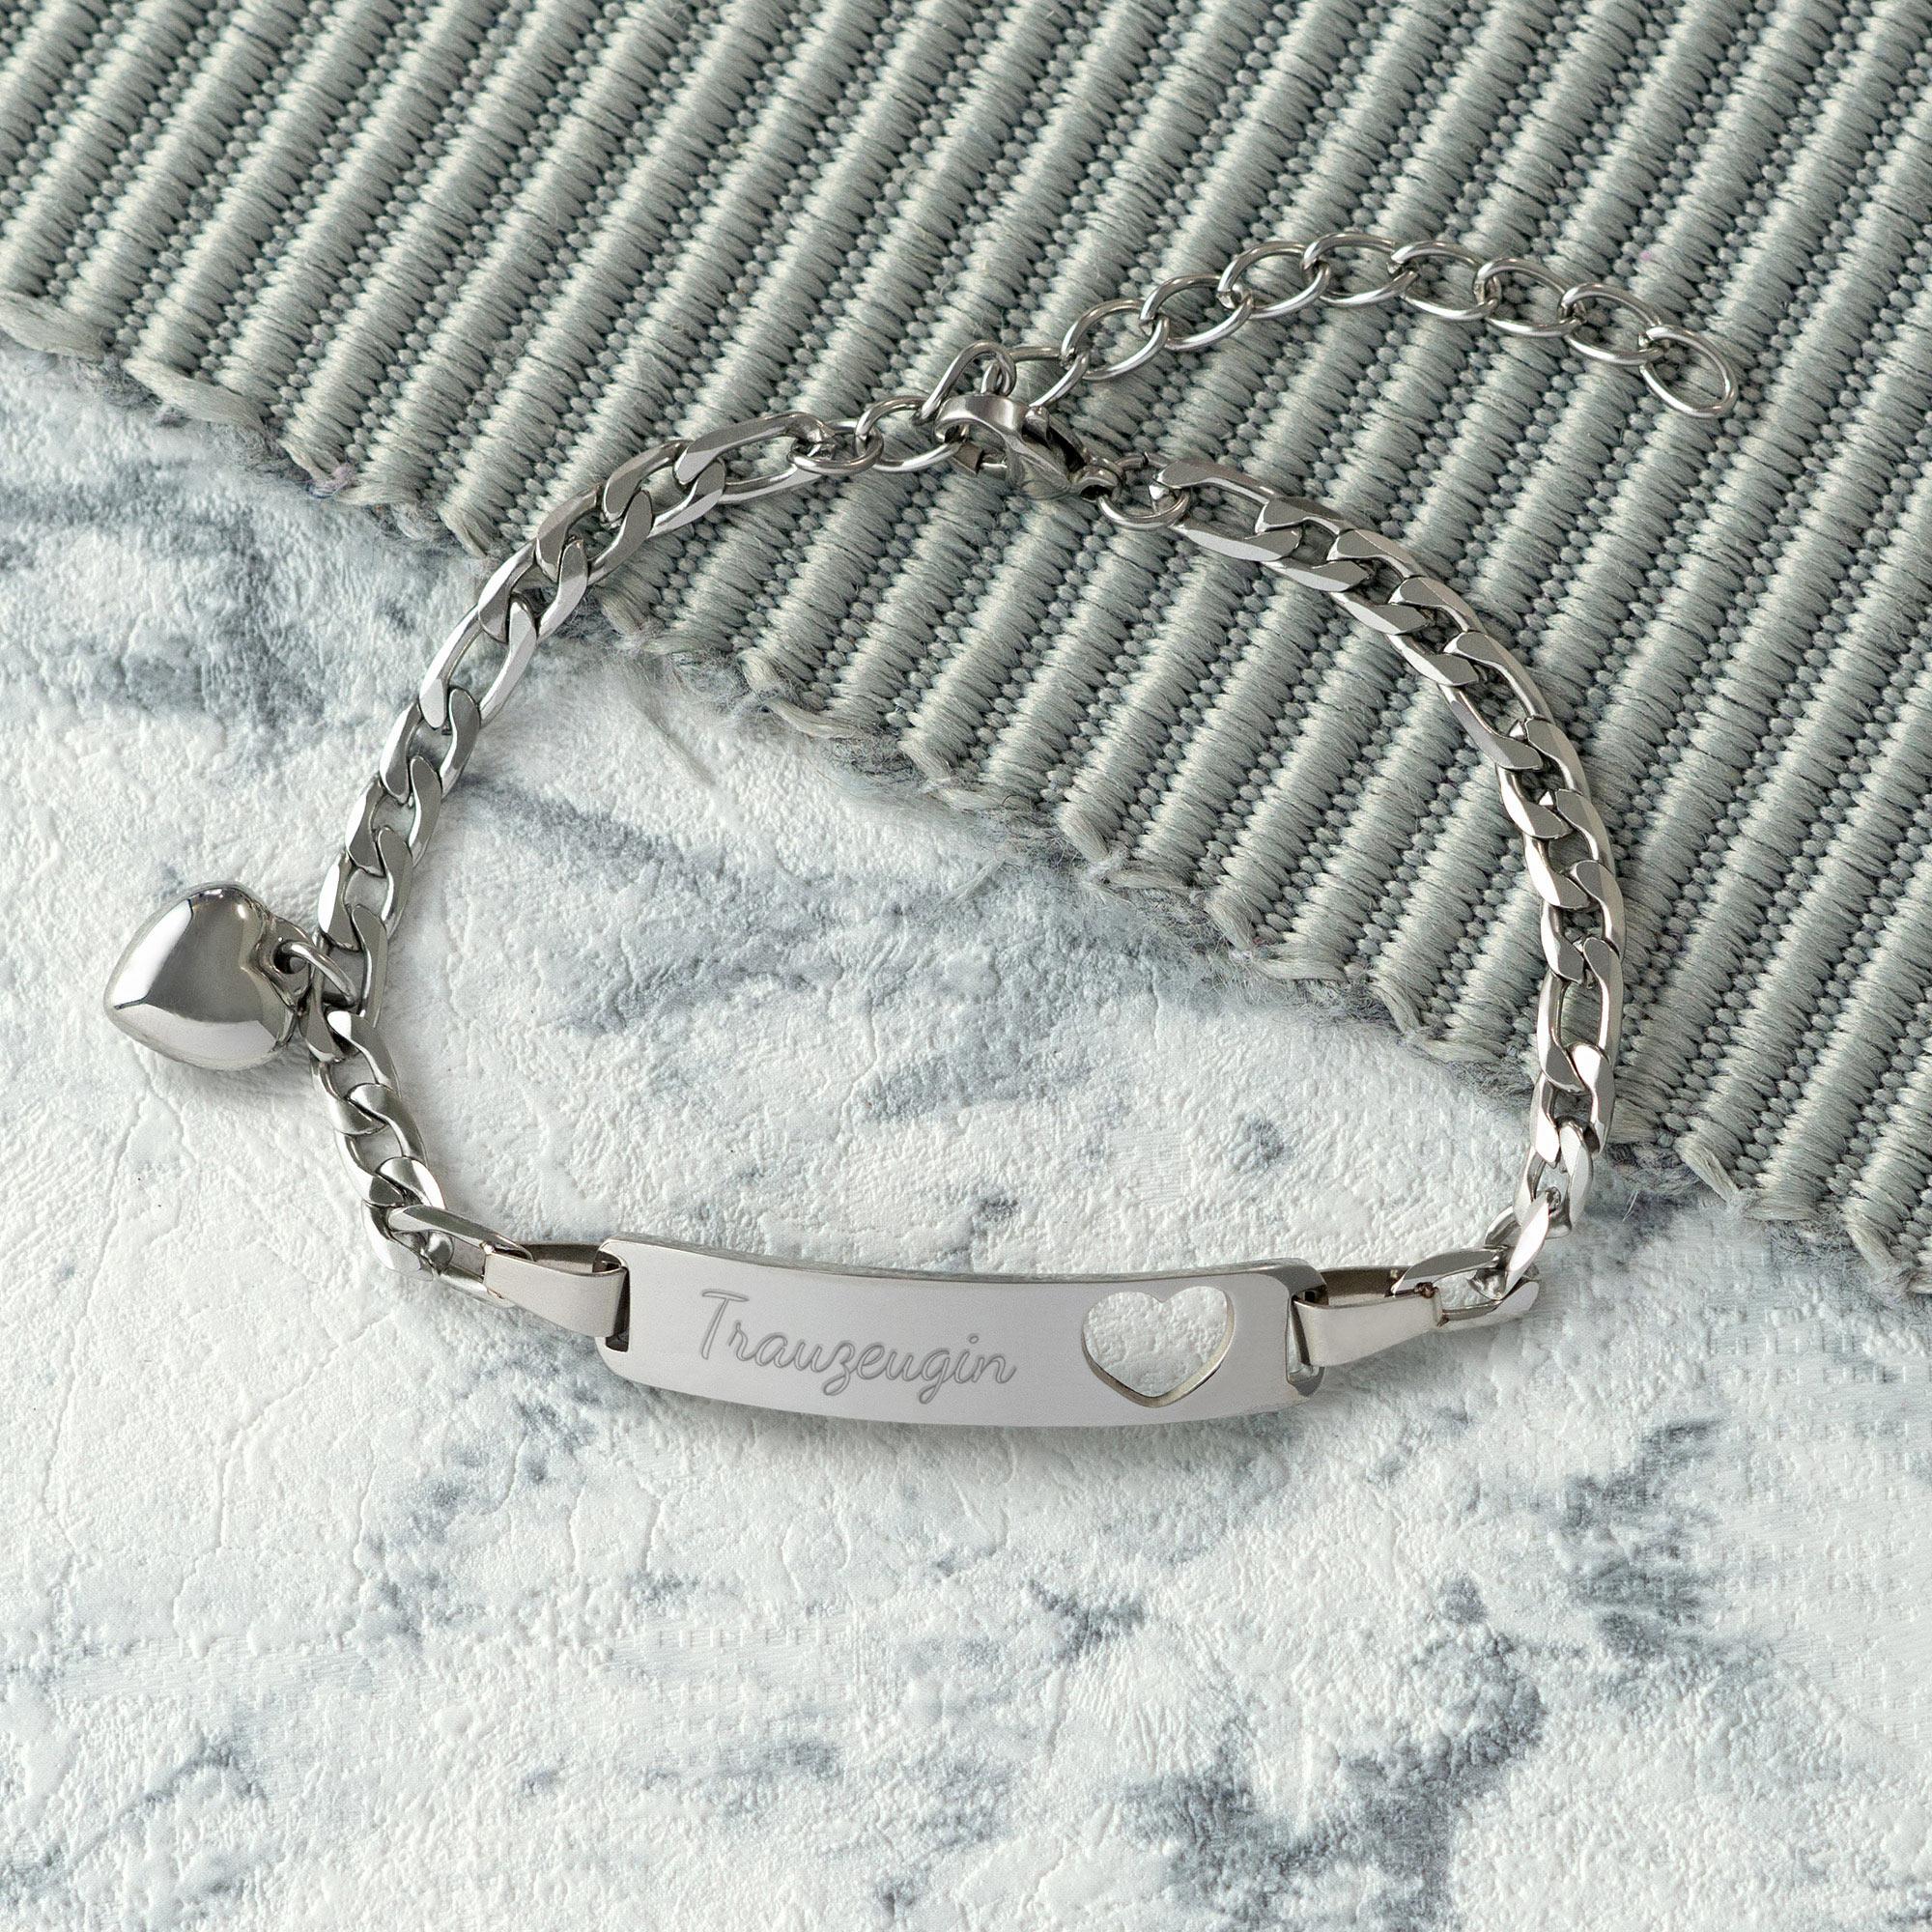 Armband Herzstanze in Silber mit Trauzeugin Gravur